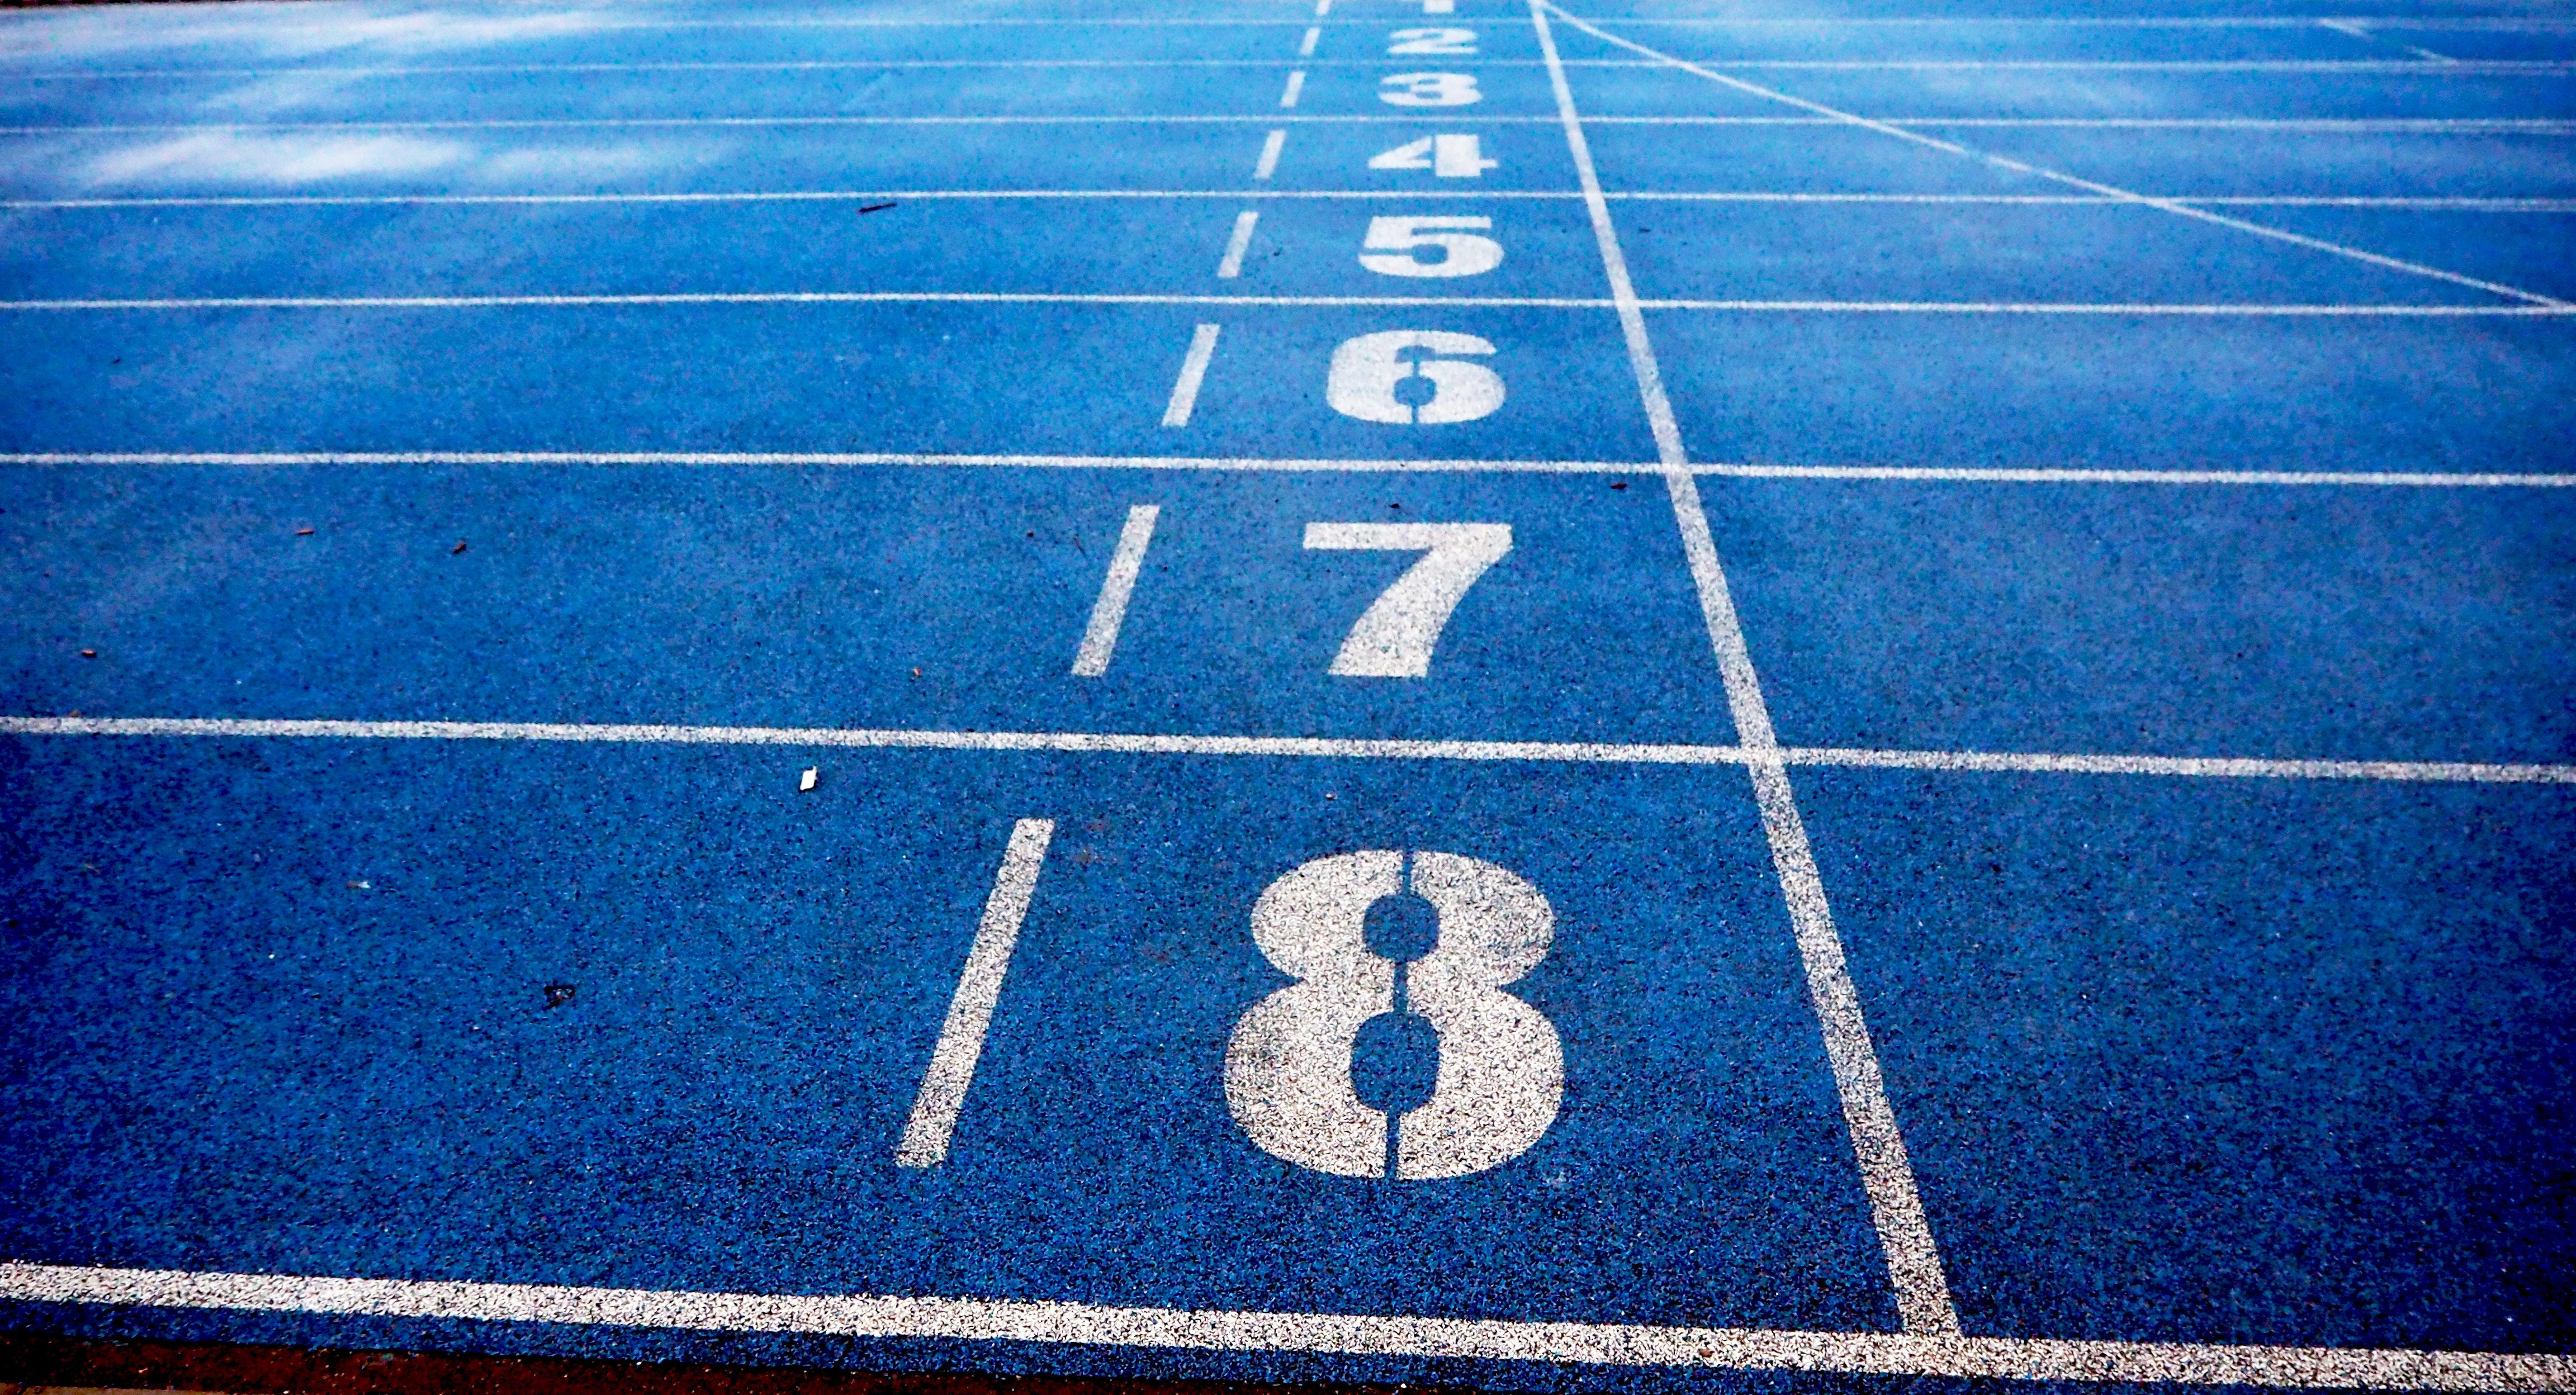 Наввипередки з собою: 5 історій співробітників GigaTrans про участь у марафоні та про те, як спорт допомагає досягати успіху в роботі